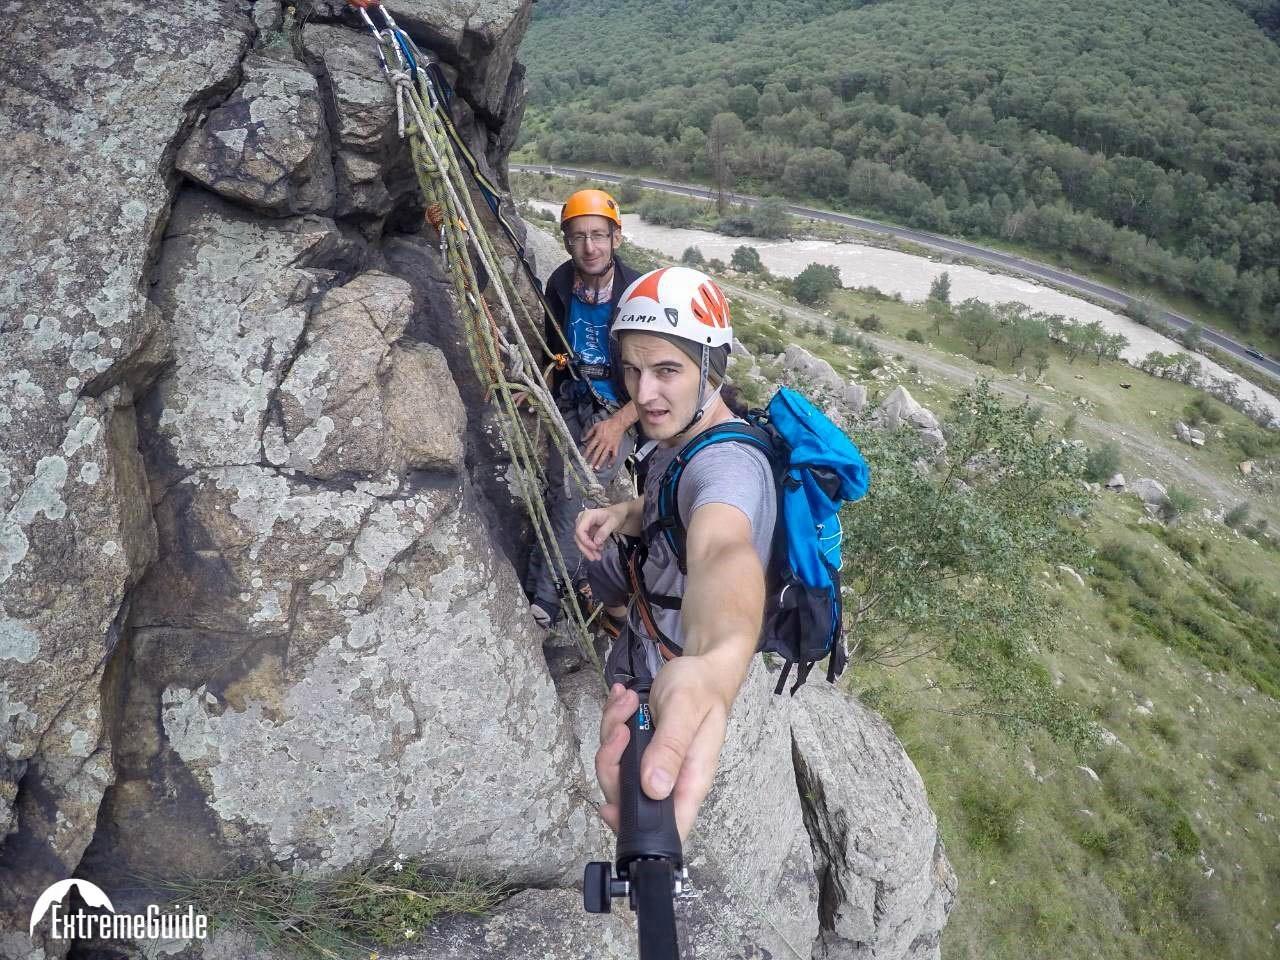 Скальные занятия школы Альпинизма и скалолазания команды ExtremeGuide. Цель: подготовить участников к маршрутам различных категорий трудности.